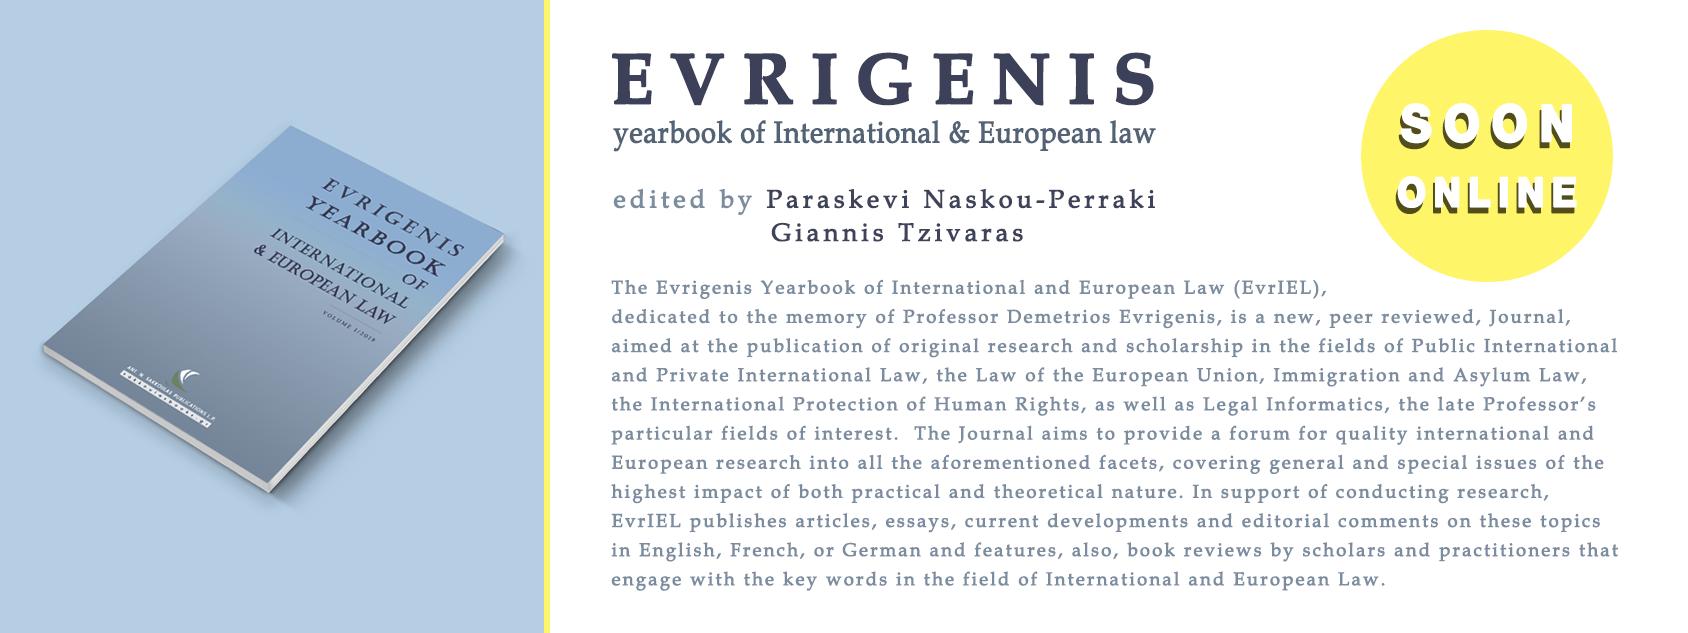 Evrigenis yearbook soon online